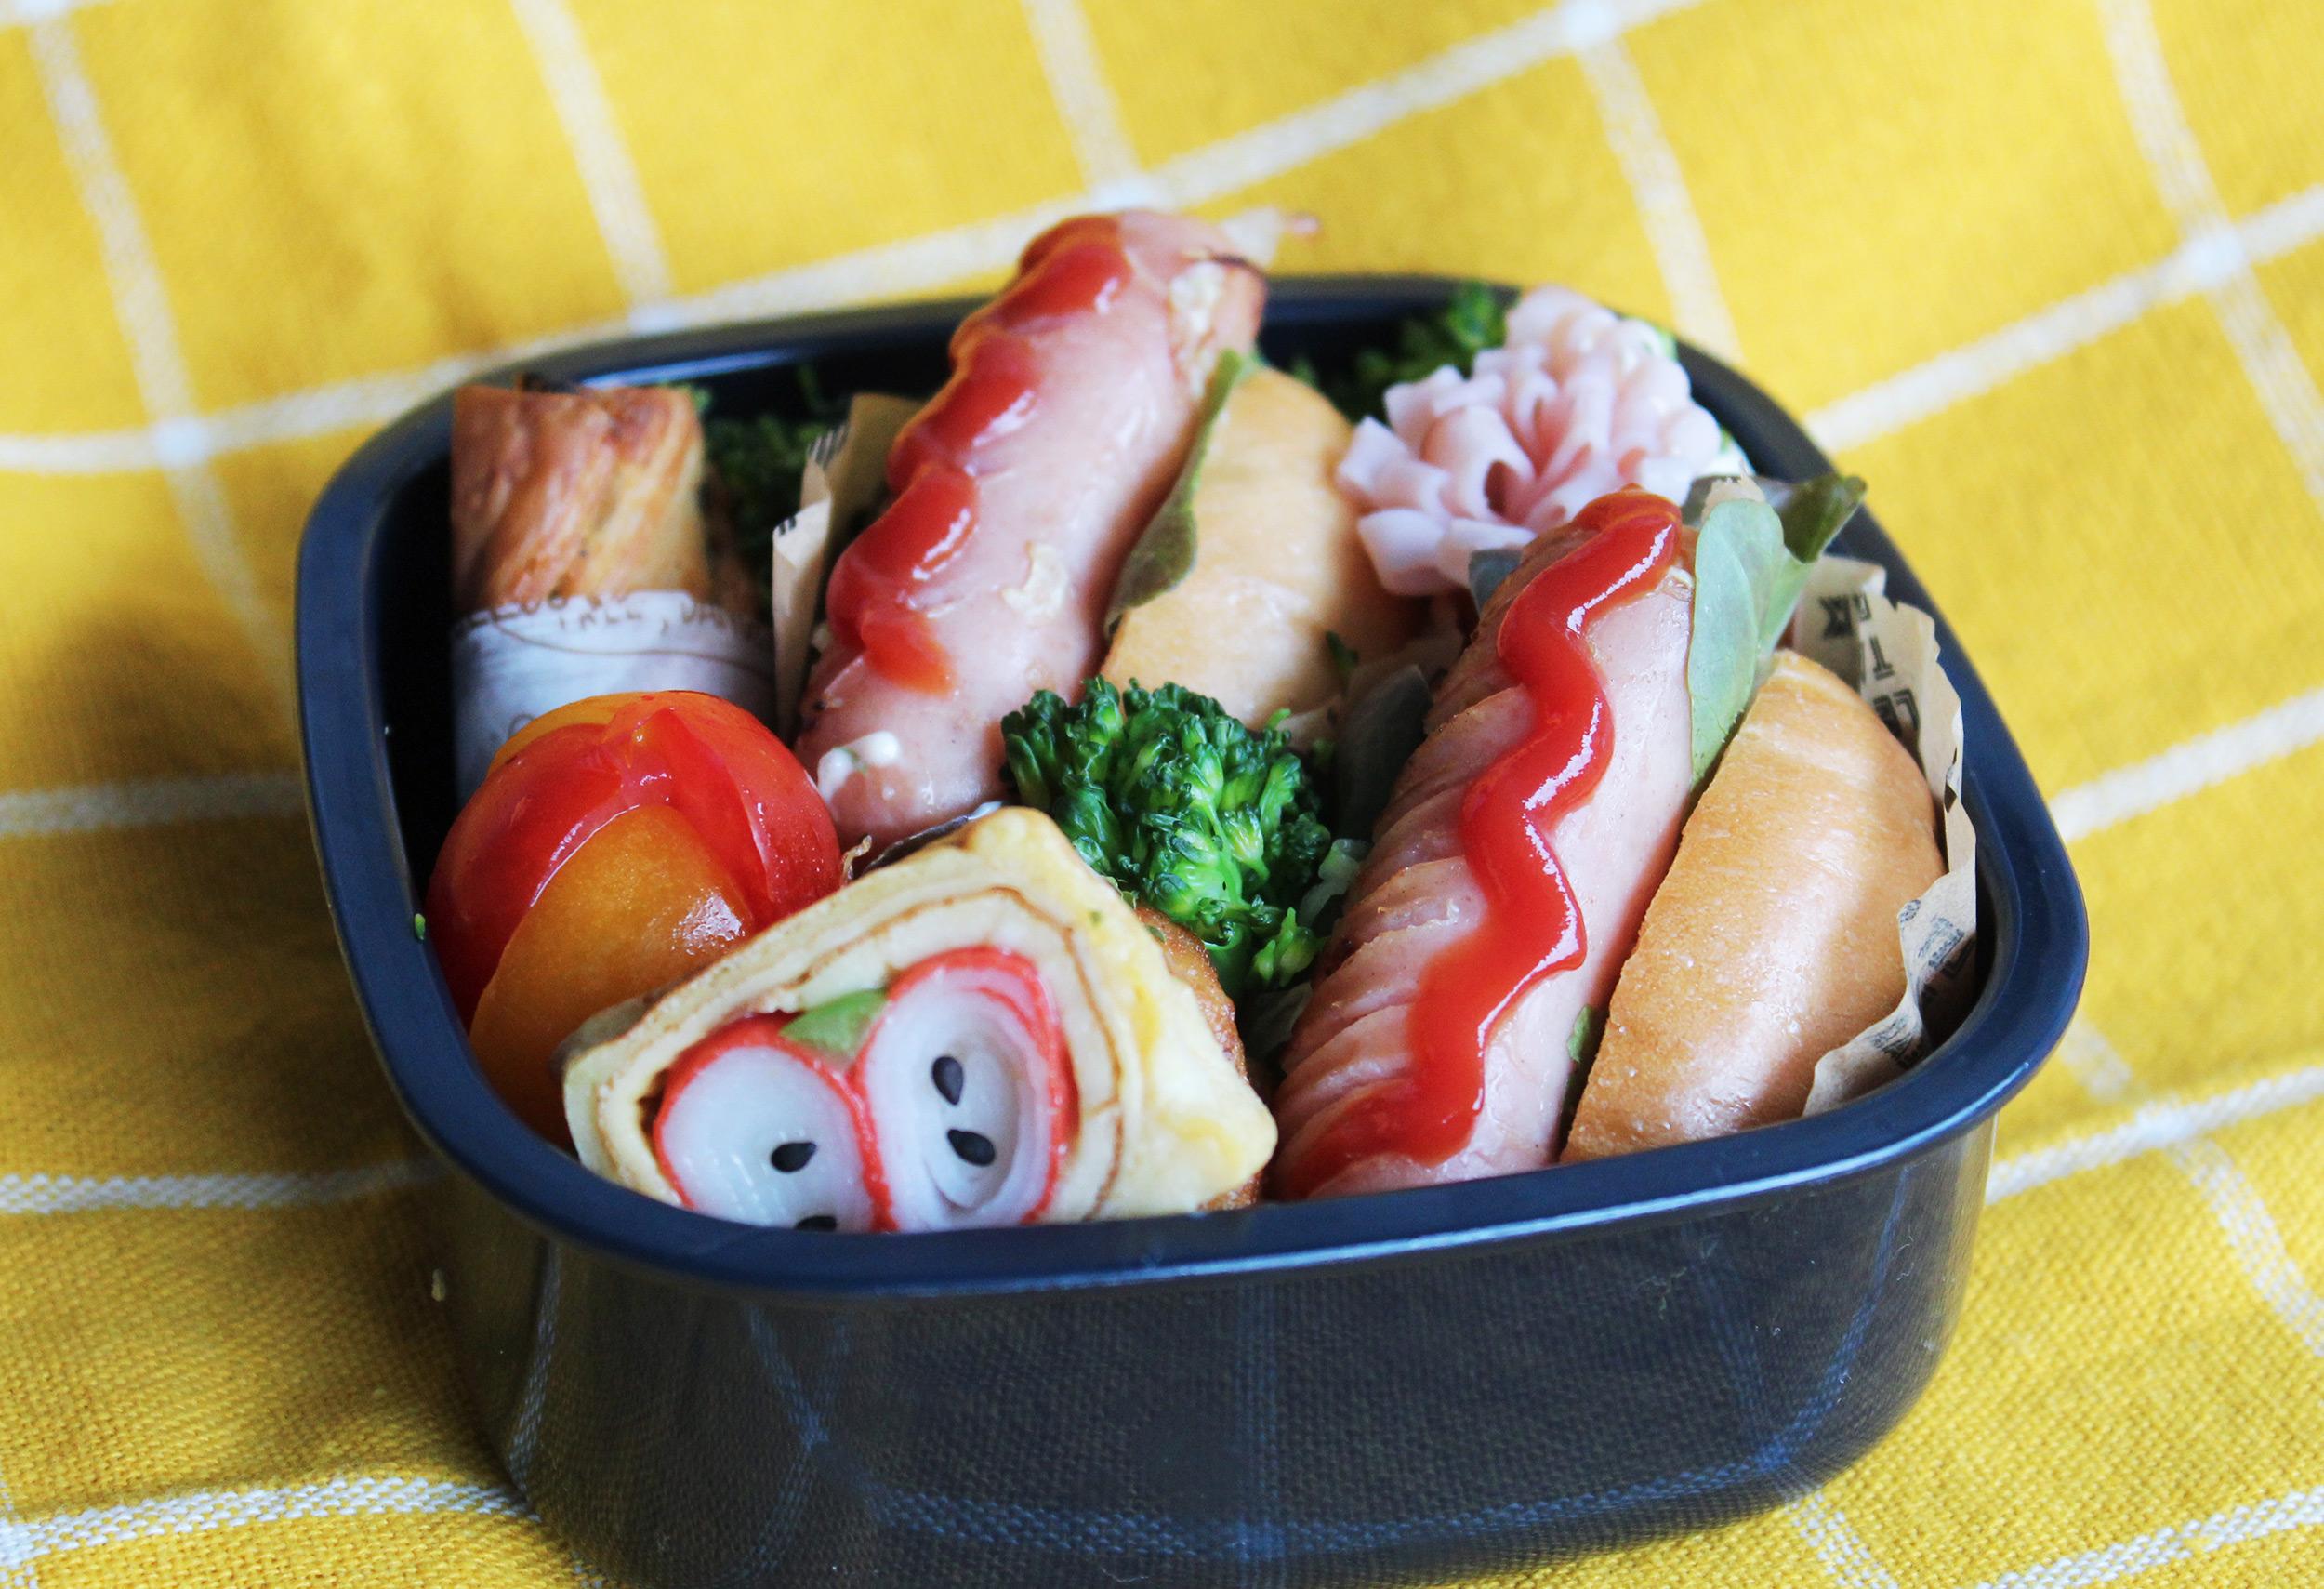 ホットドッグのおこさま弁当 - お弁当の詰め方と盛り付けのコツ - 幼稚園年少さん